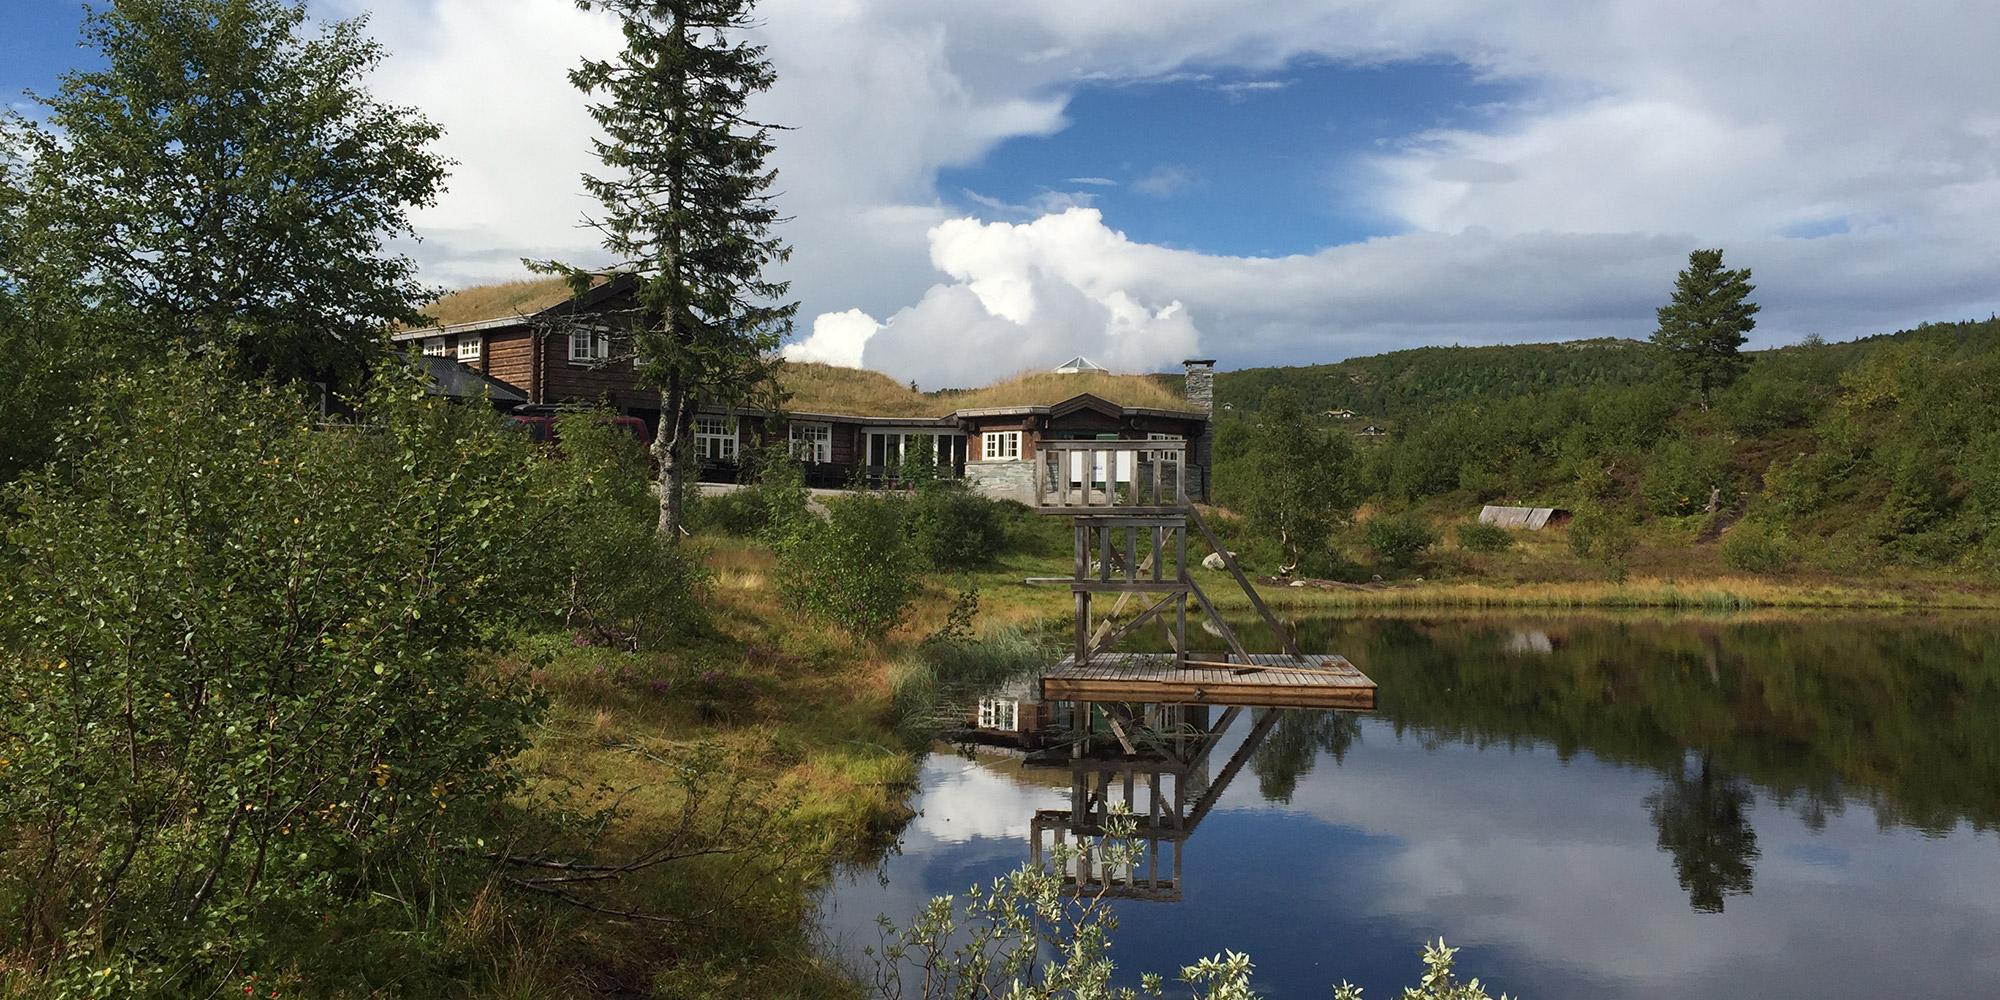 Ismenningen Lodge og Hytteutleie - vakker beliggenhet ved innfallsporten til Blåfjella/Skjækerfjella Nasjonalpark og perfekt for møter, samlinger eller bare leie hele hytten for kos og hygge